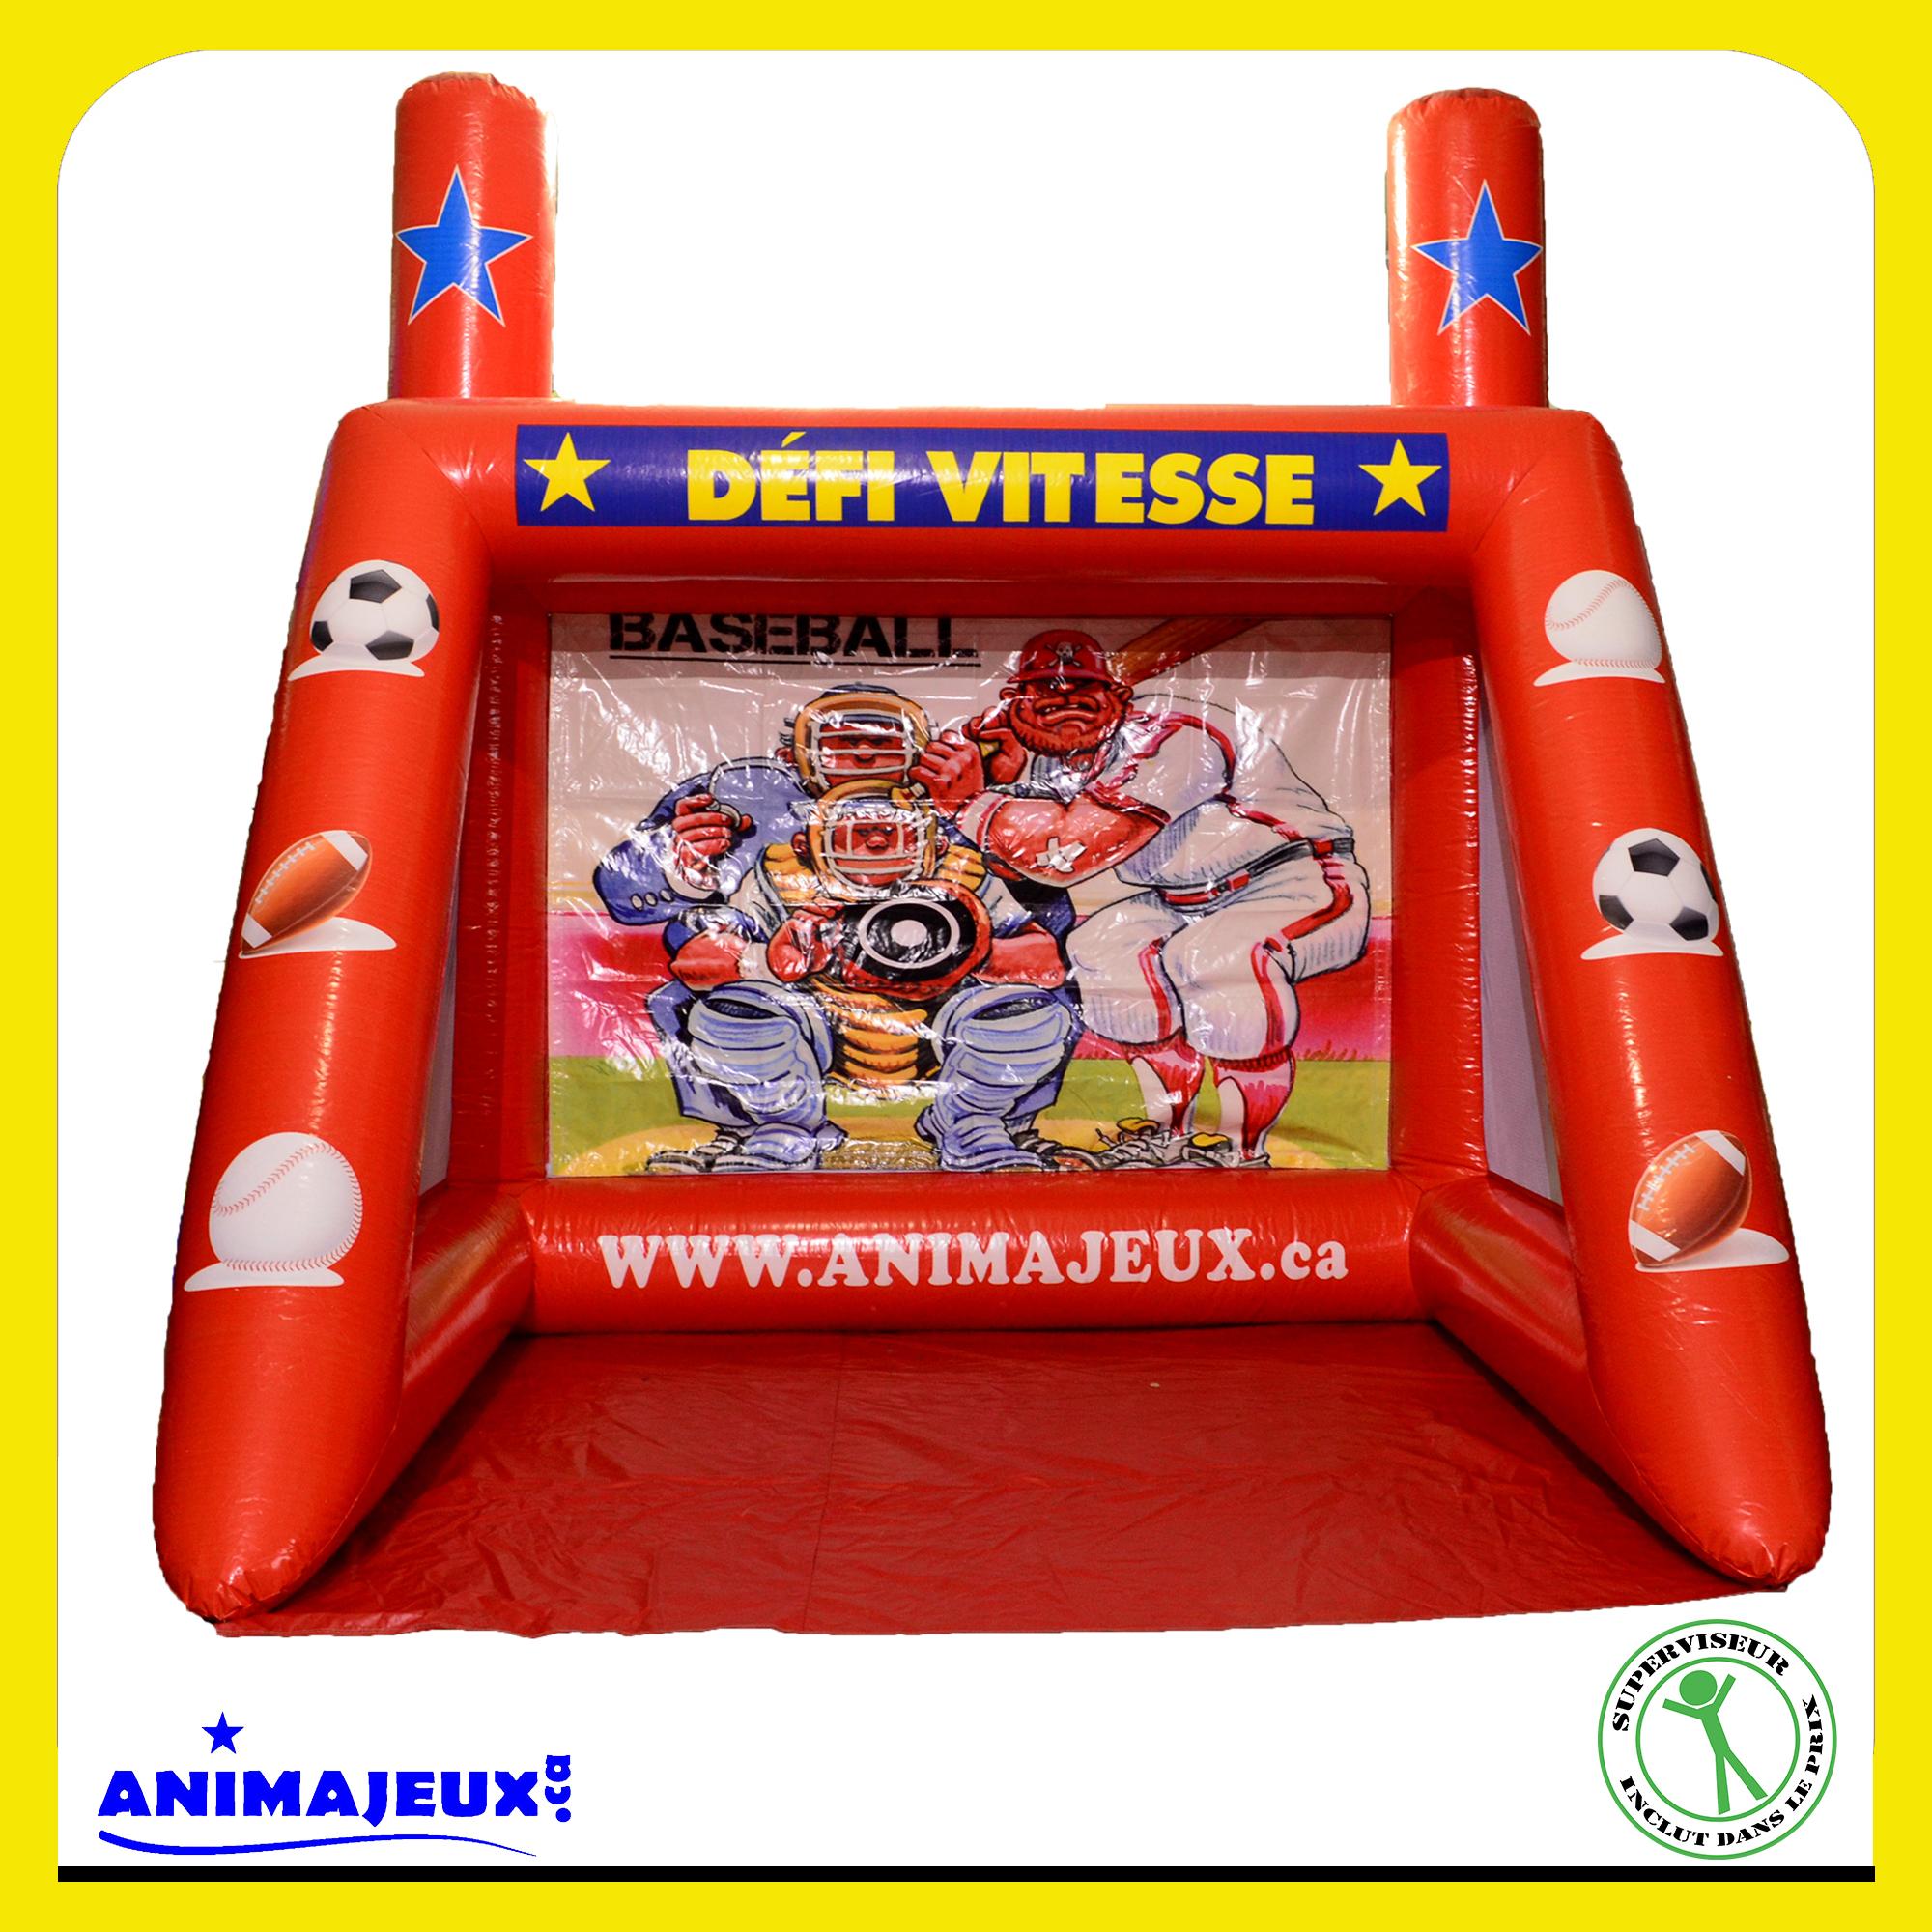 Défi Vitesse (Baseball)